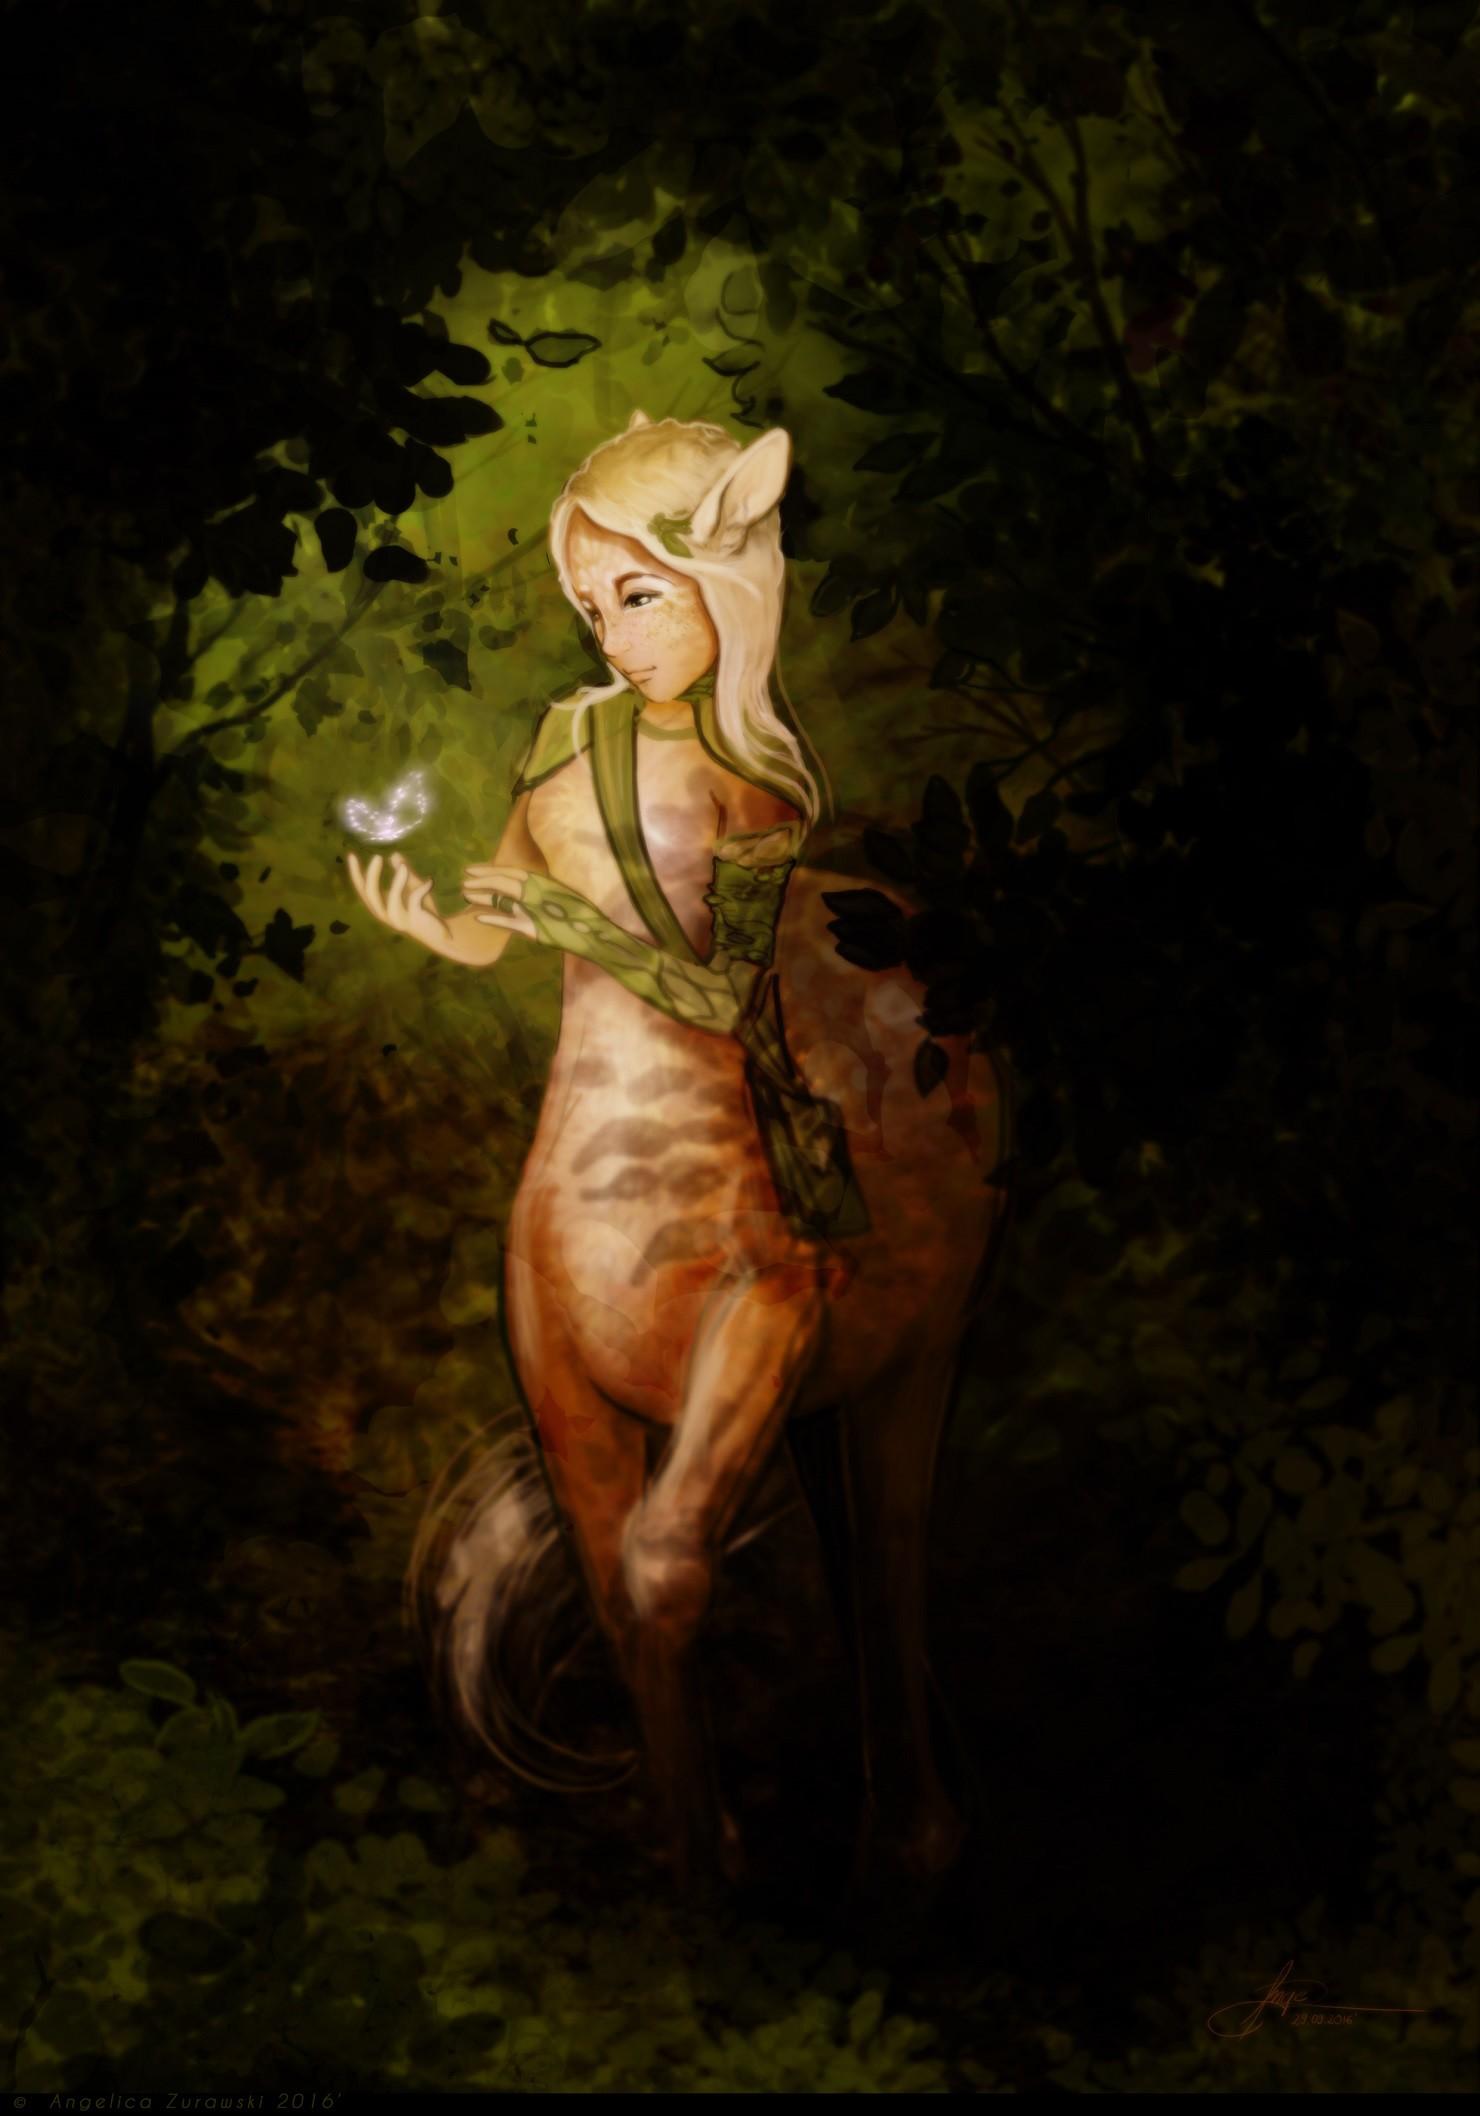 Angelica zurawski centaurs 01 copy